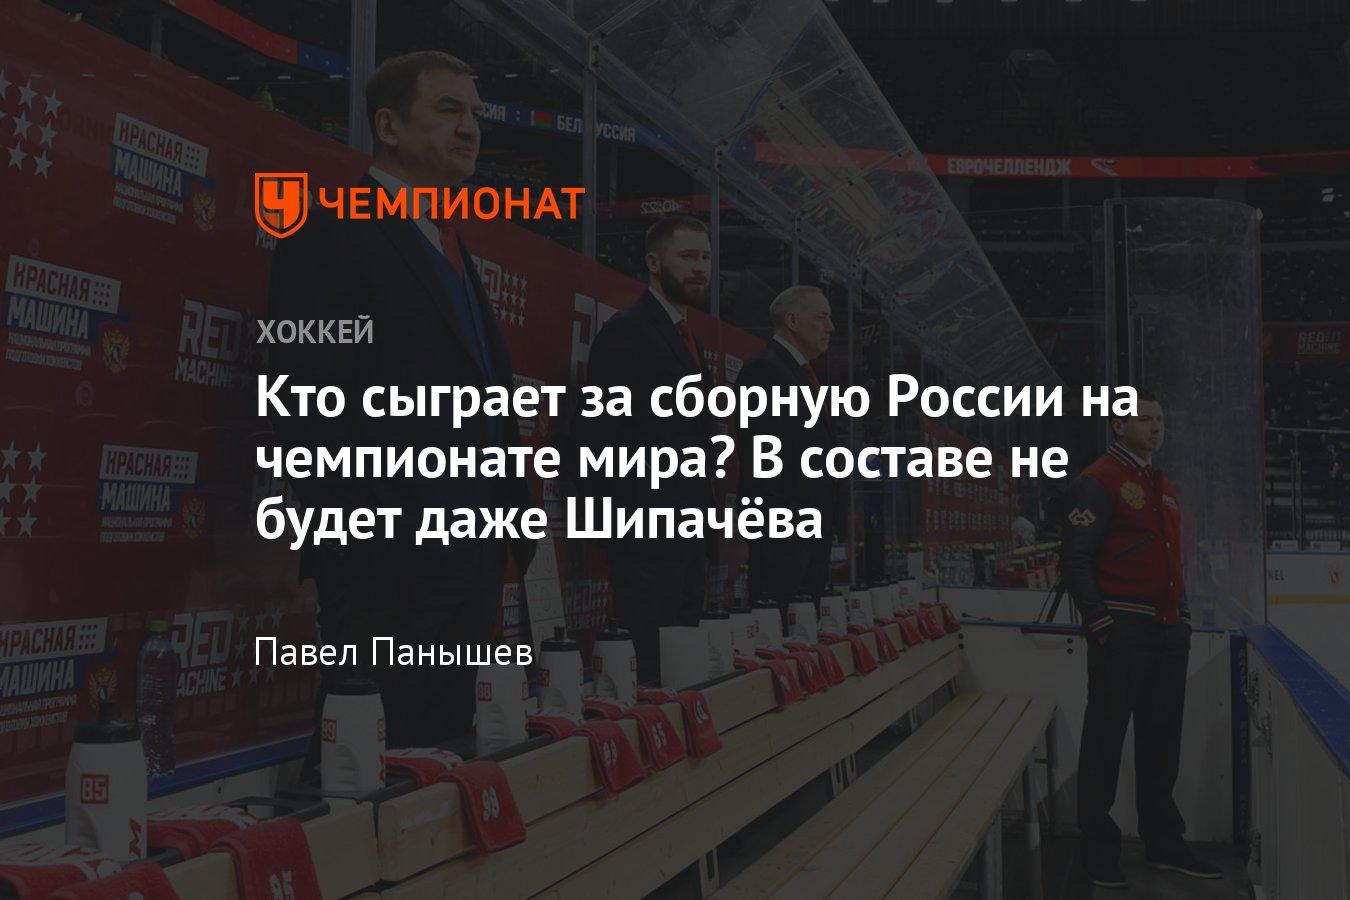 Кто сыграет за сборную России на чемпионате мира? В составе не будет д